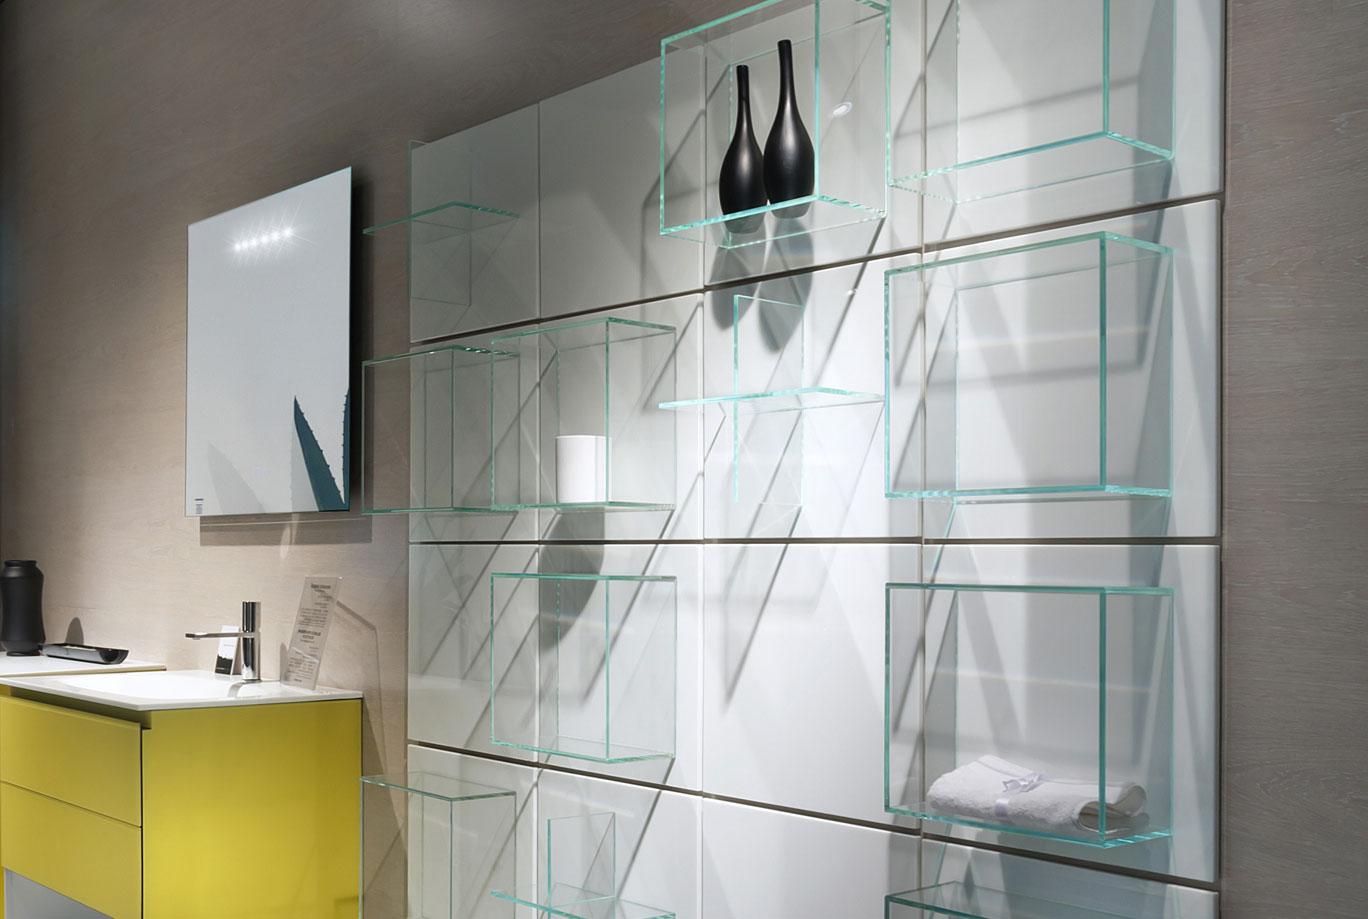 Summa - Info - Bagno, Design, Arredobagno, Arredamento bagno, Arredobagno moderno, Specchi, LED ...